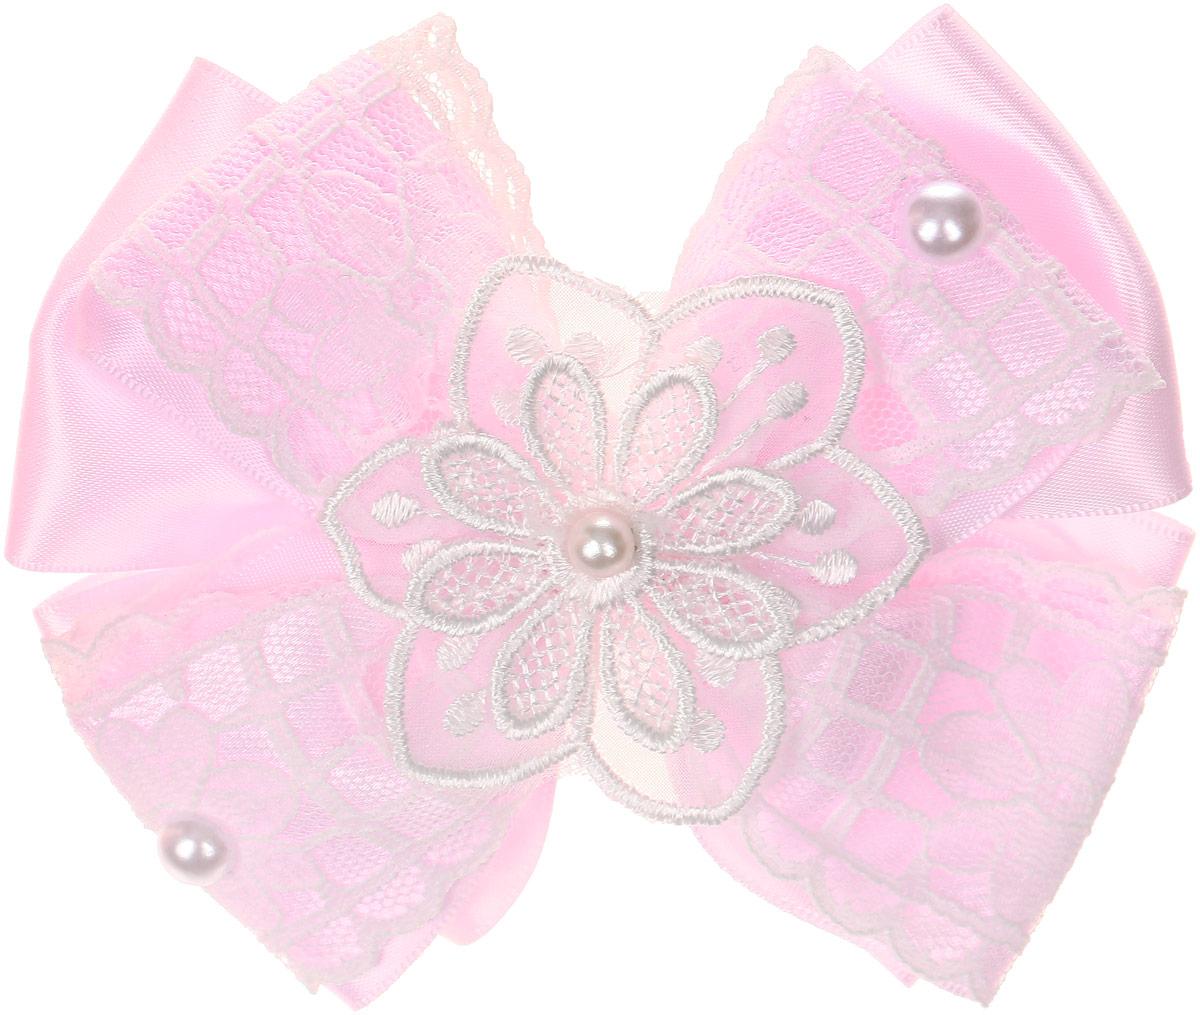 Babys Joy Резинка для волос Бант цвет розовый белый MN 200MN 200_розовый, белое кружевоРезинка для волос Babys Joy Бант позволит не только убрать непослушные волосы с лица, но и придать образу романтичности и очарования. Такая резинка для волос подчеркнет уникальность вашей маленькой модницы и станет прекрасным дополнением к ее неповторимому стилю.